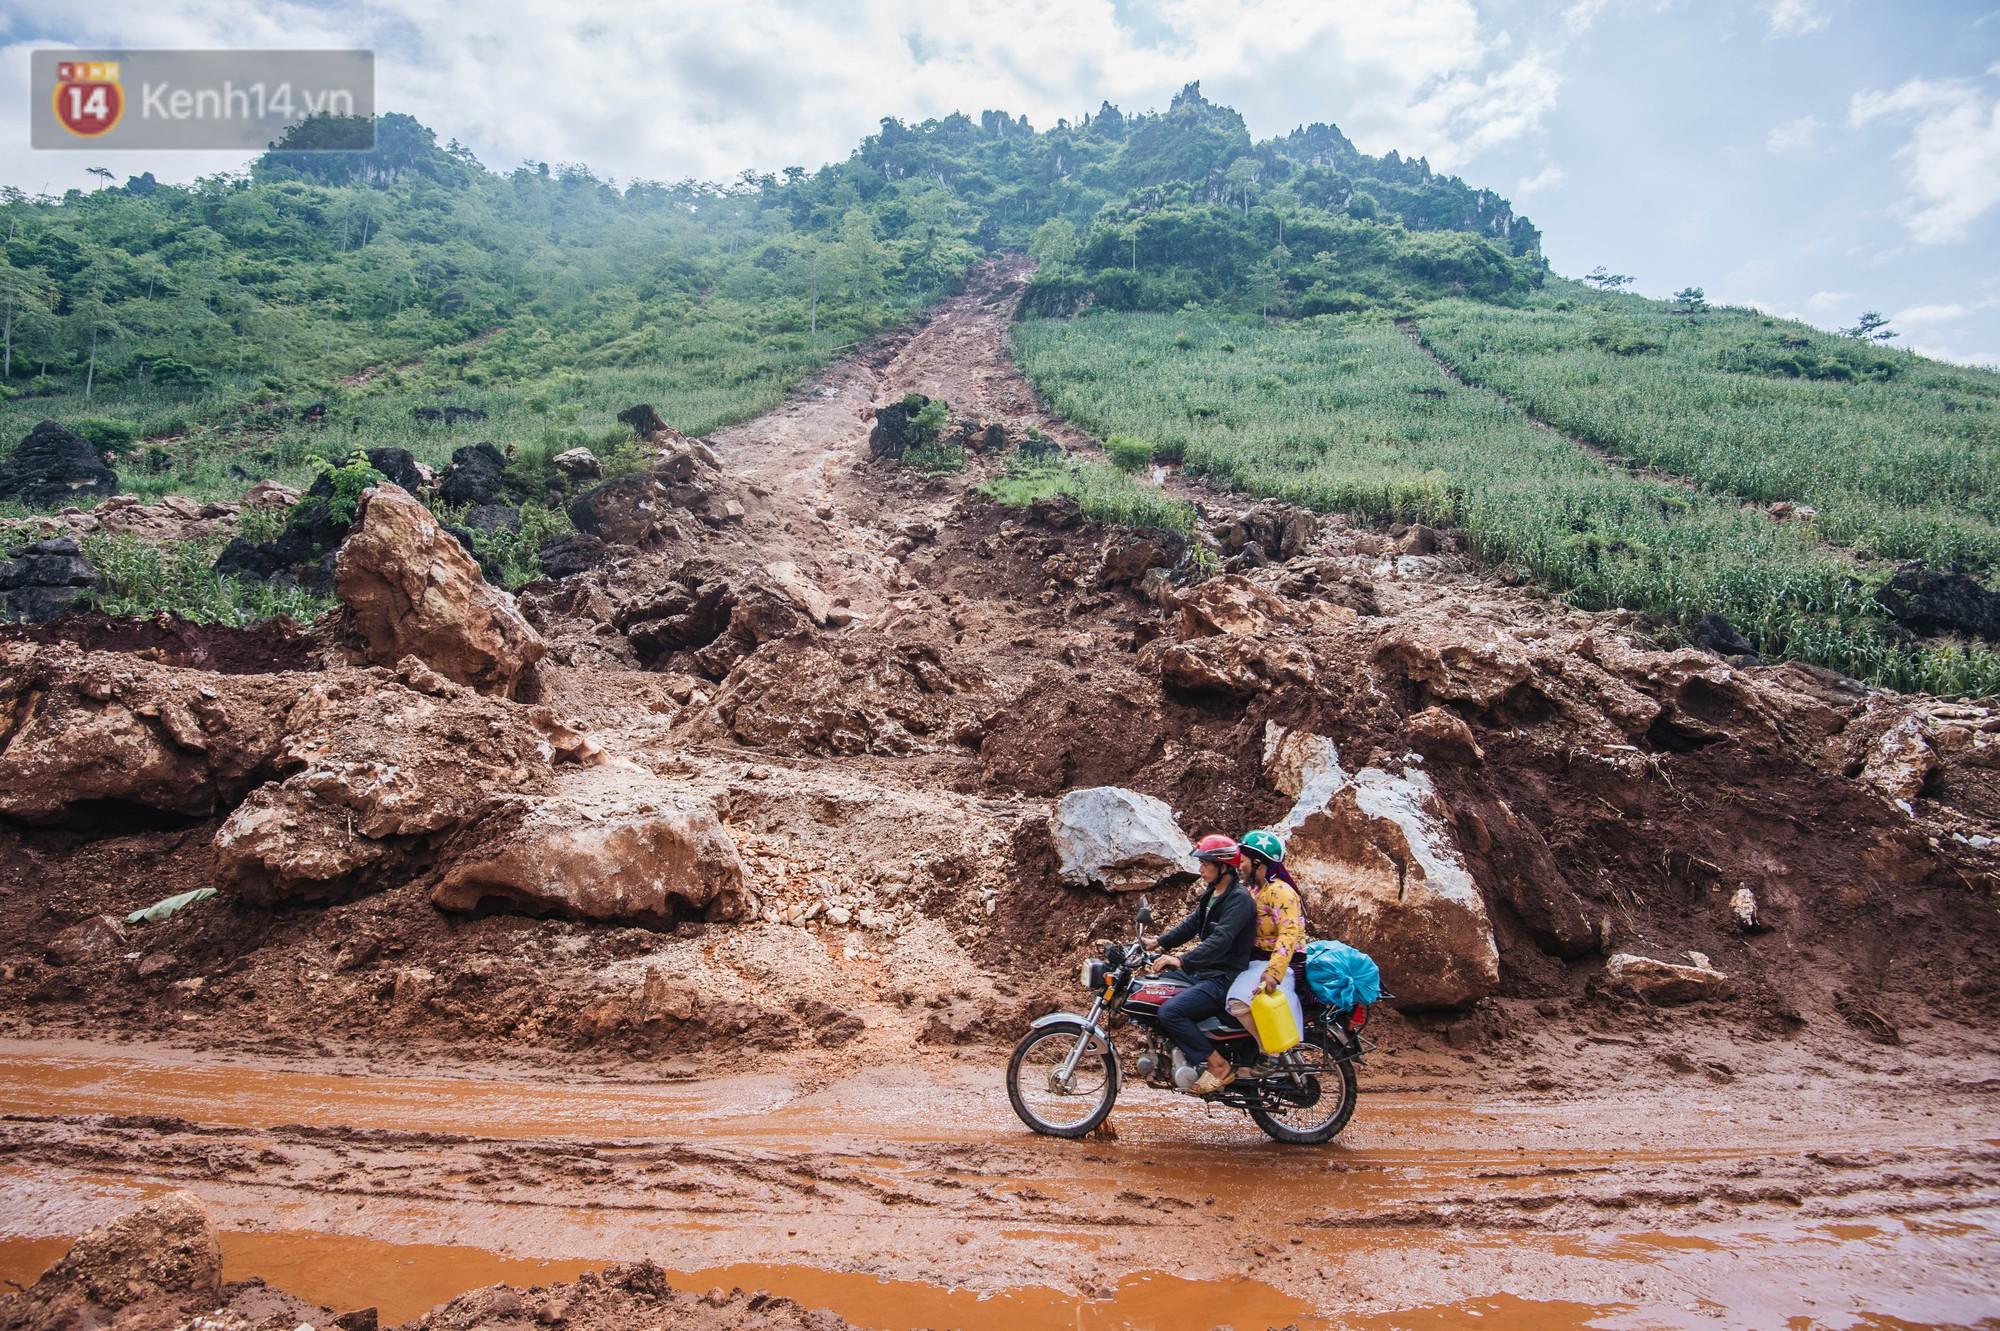 Trận lũ đau thương ở Hà Giang trong vòng 10 năm qua: Giờ đâu còn nhà nữa, mất hết, lũ cuốn trôi hết rồi... - Ảnh 2.